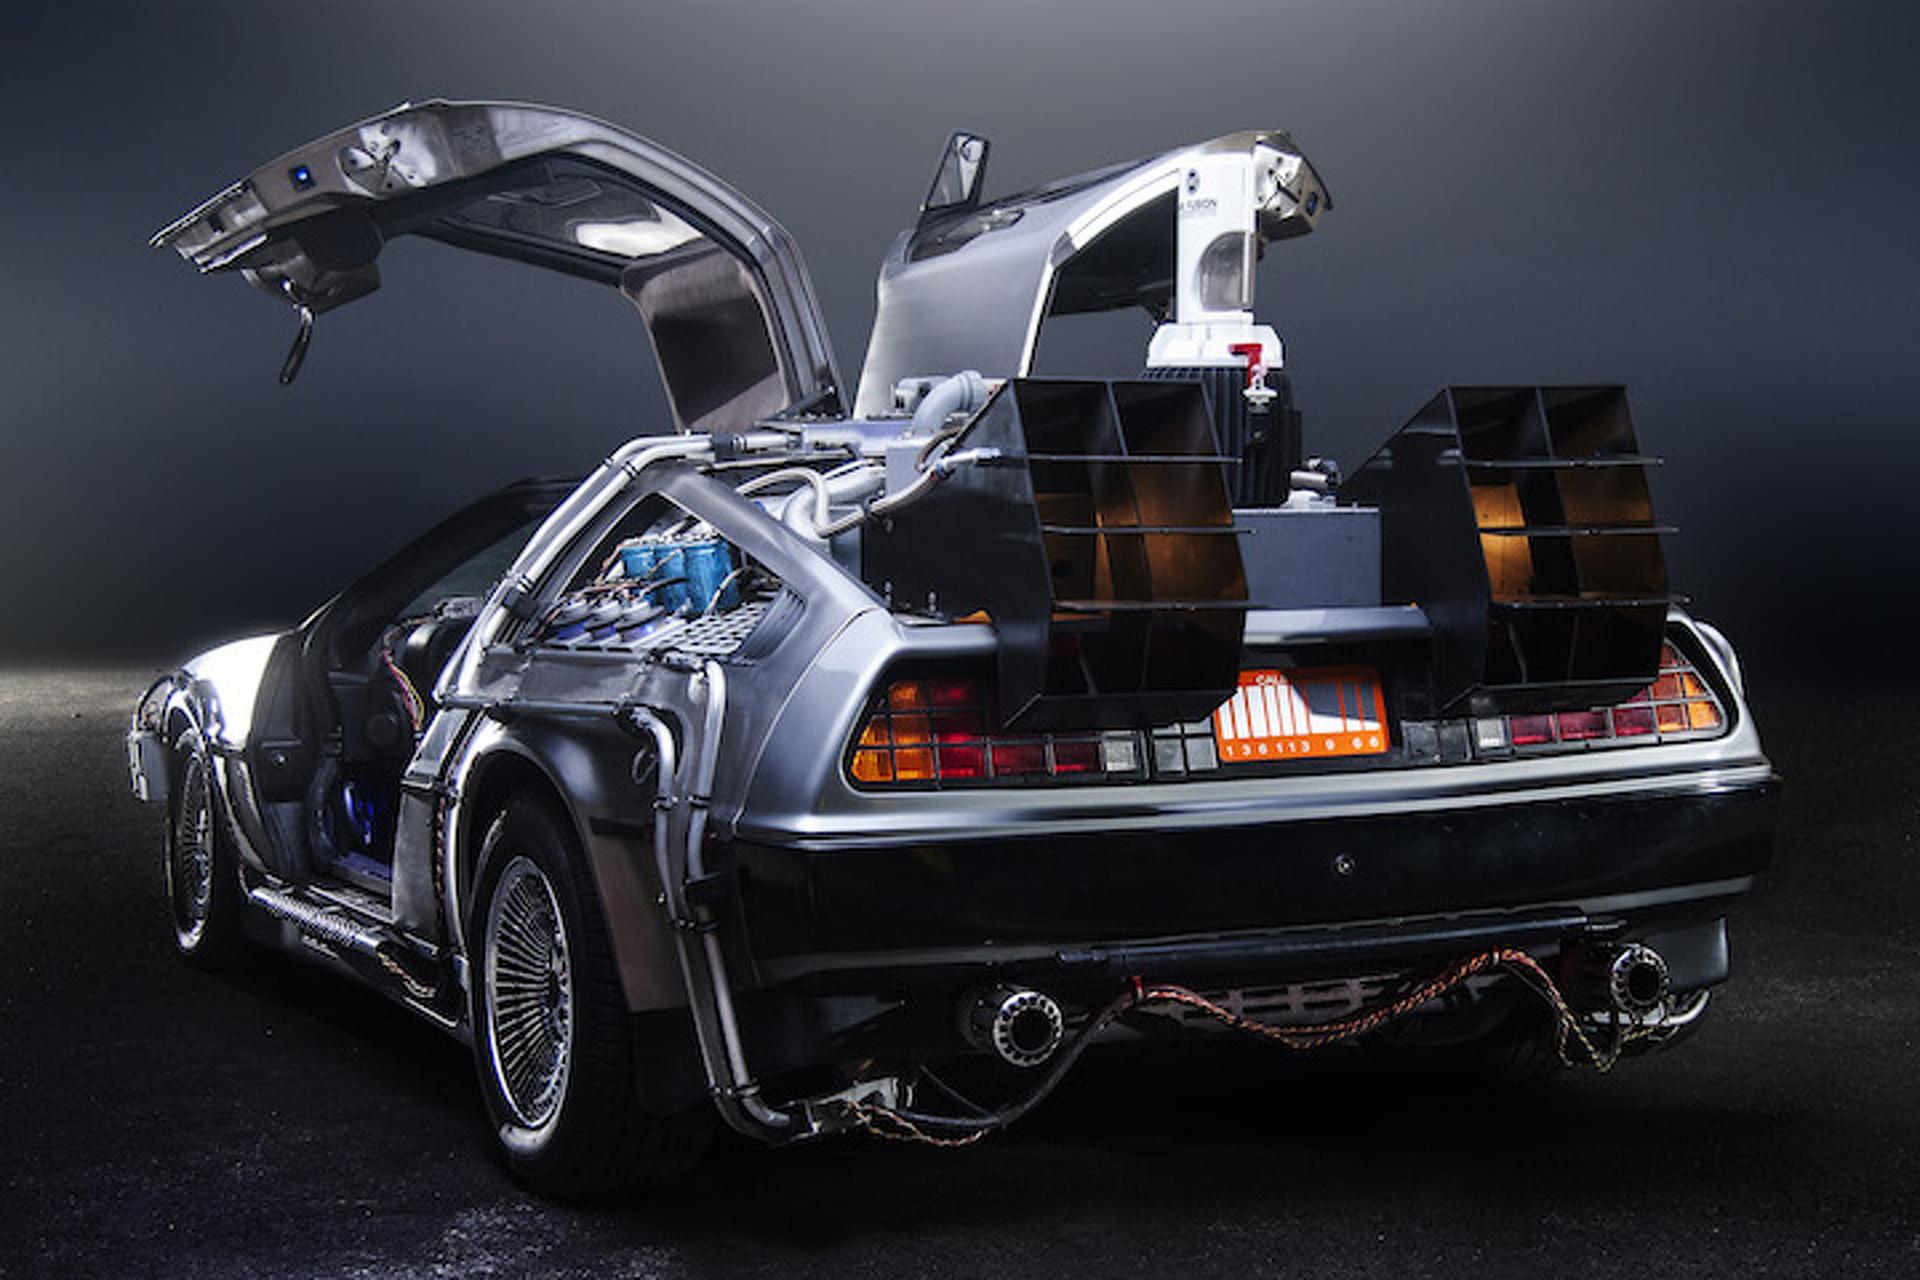 DeLorean DMC-12 1981 dari film Back to the Future.